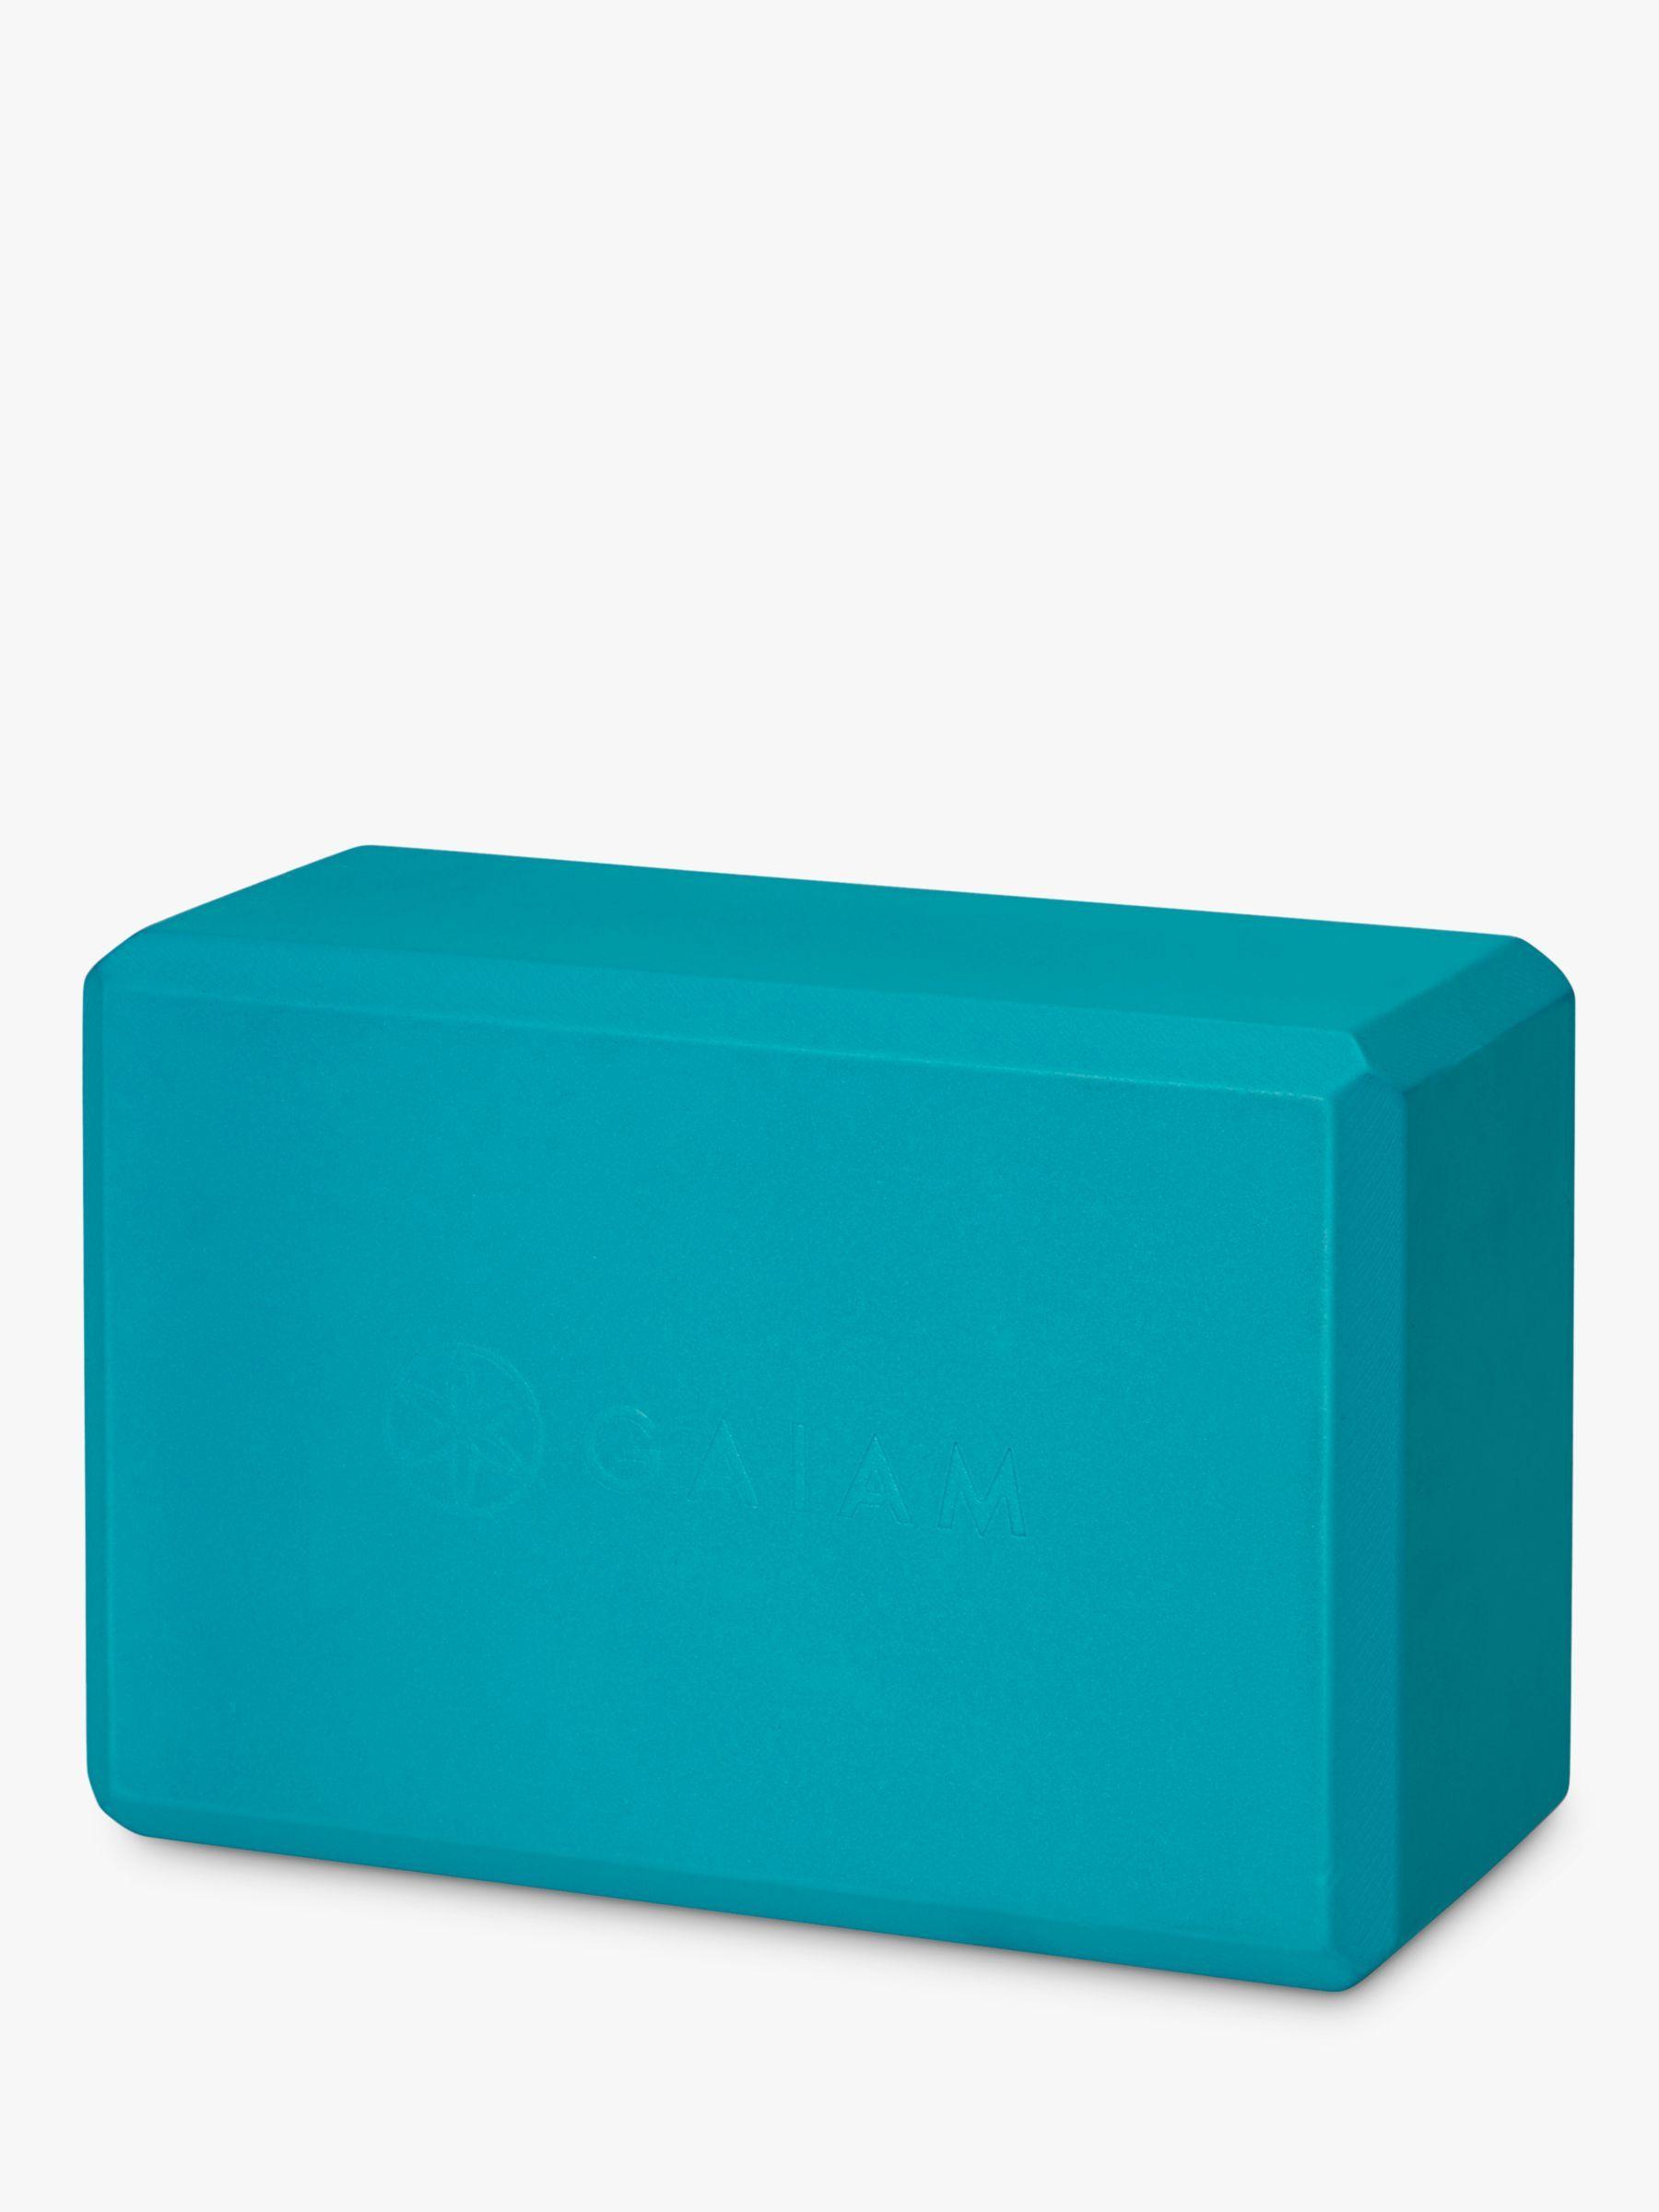 Gaiam Essentials Yoga Block Vivid Blue